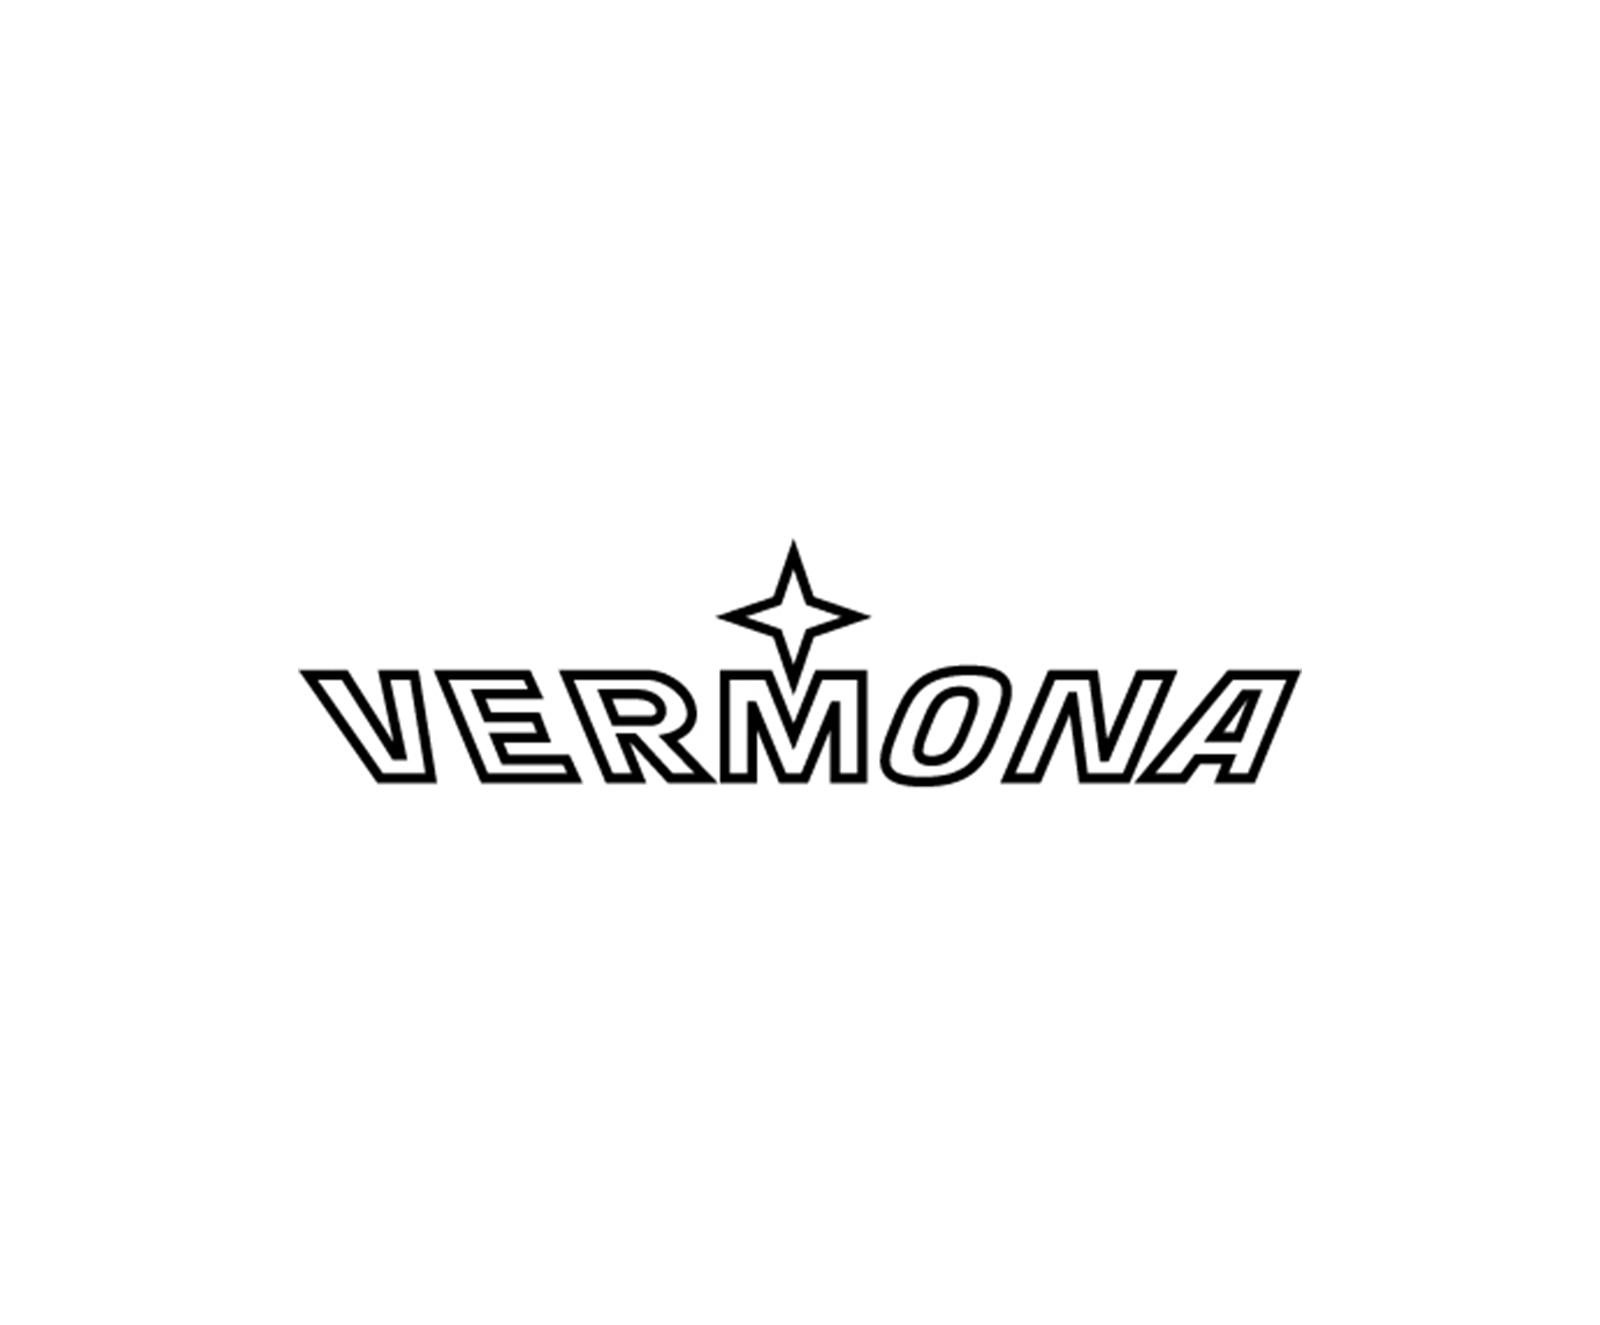 Vermona